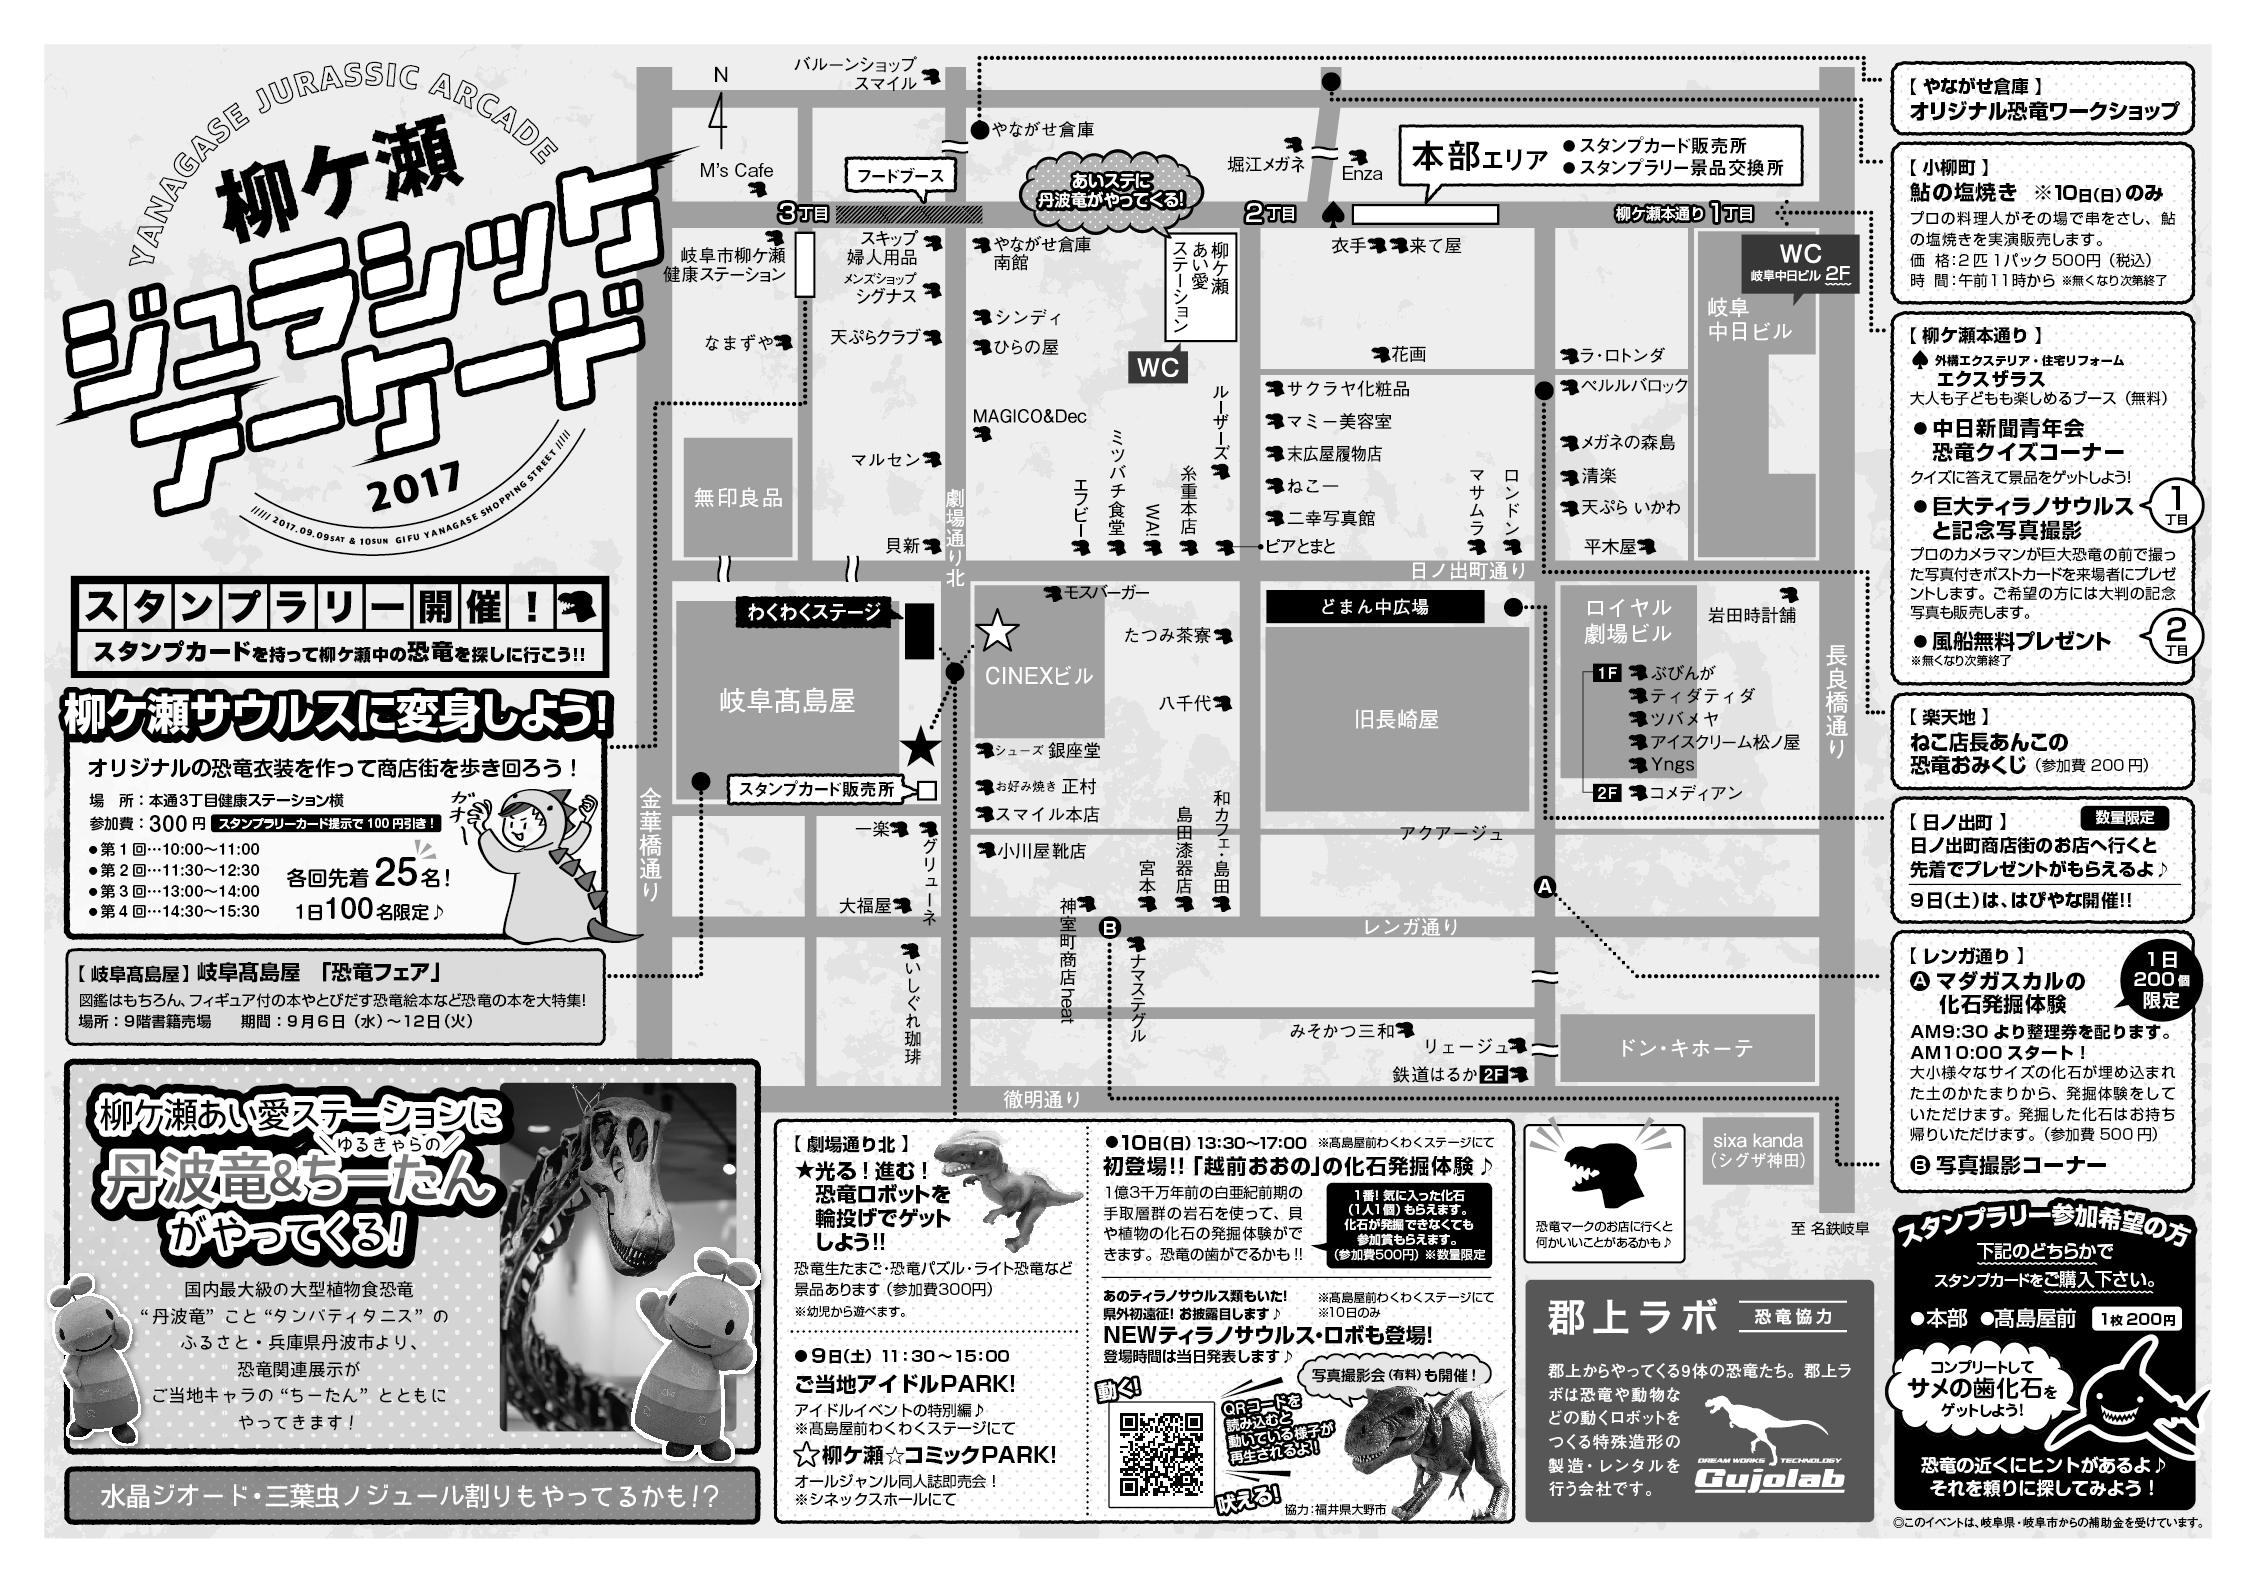 柳ケ瀬ジュラシックアーケード2017